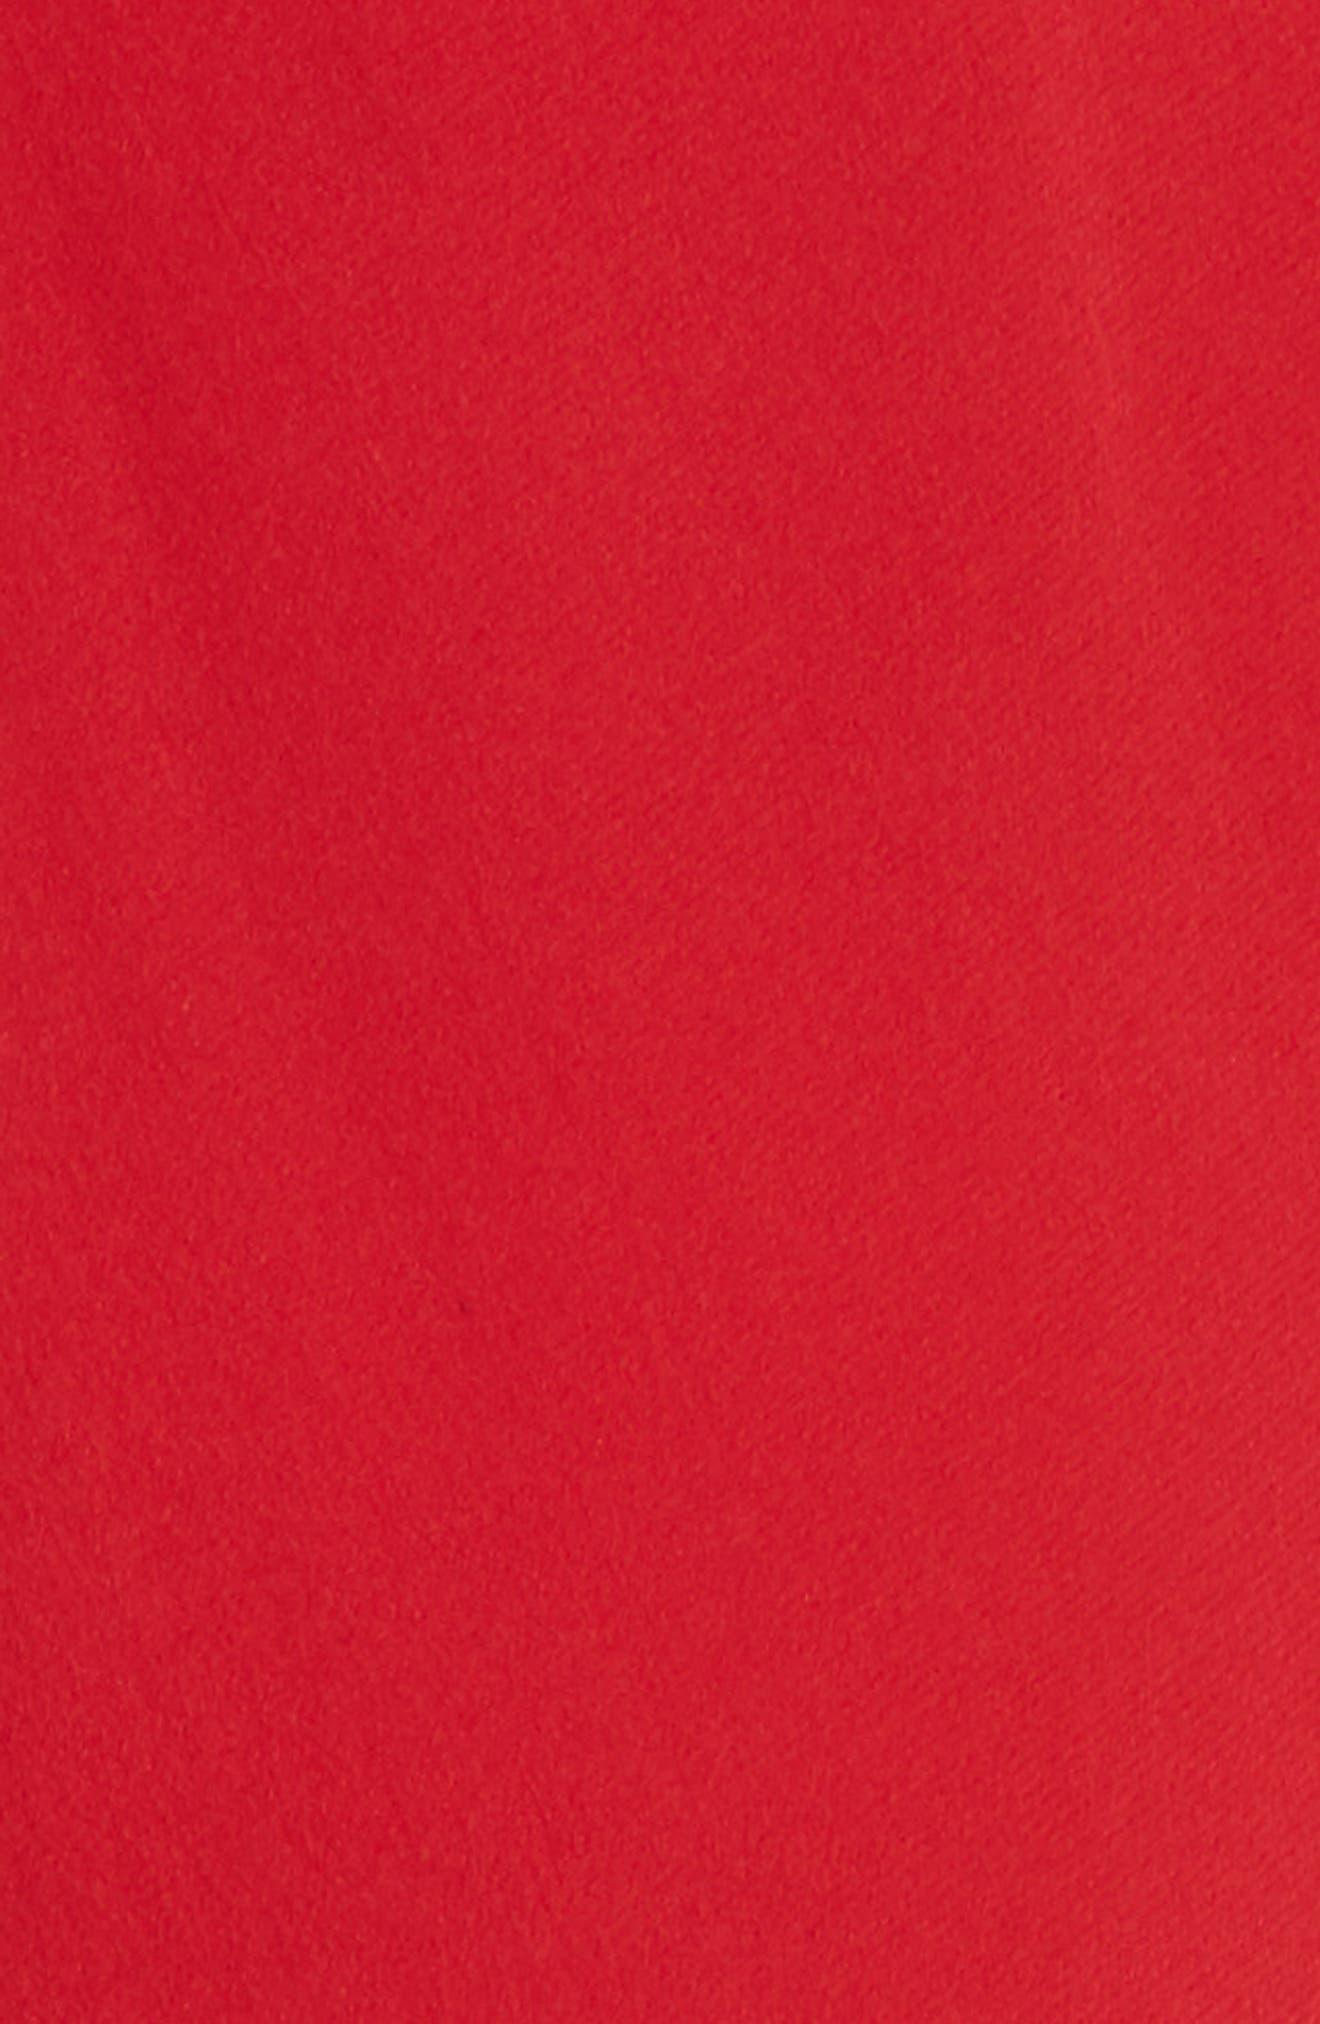 Cold Shoulder Silk Crepe Dress,                             Alternate thumbnail 5, color,                             620